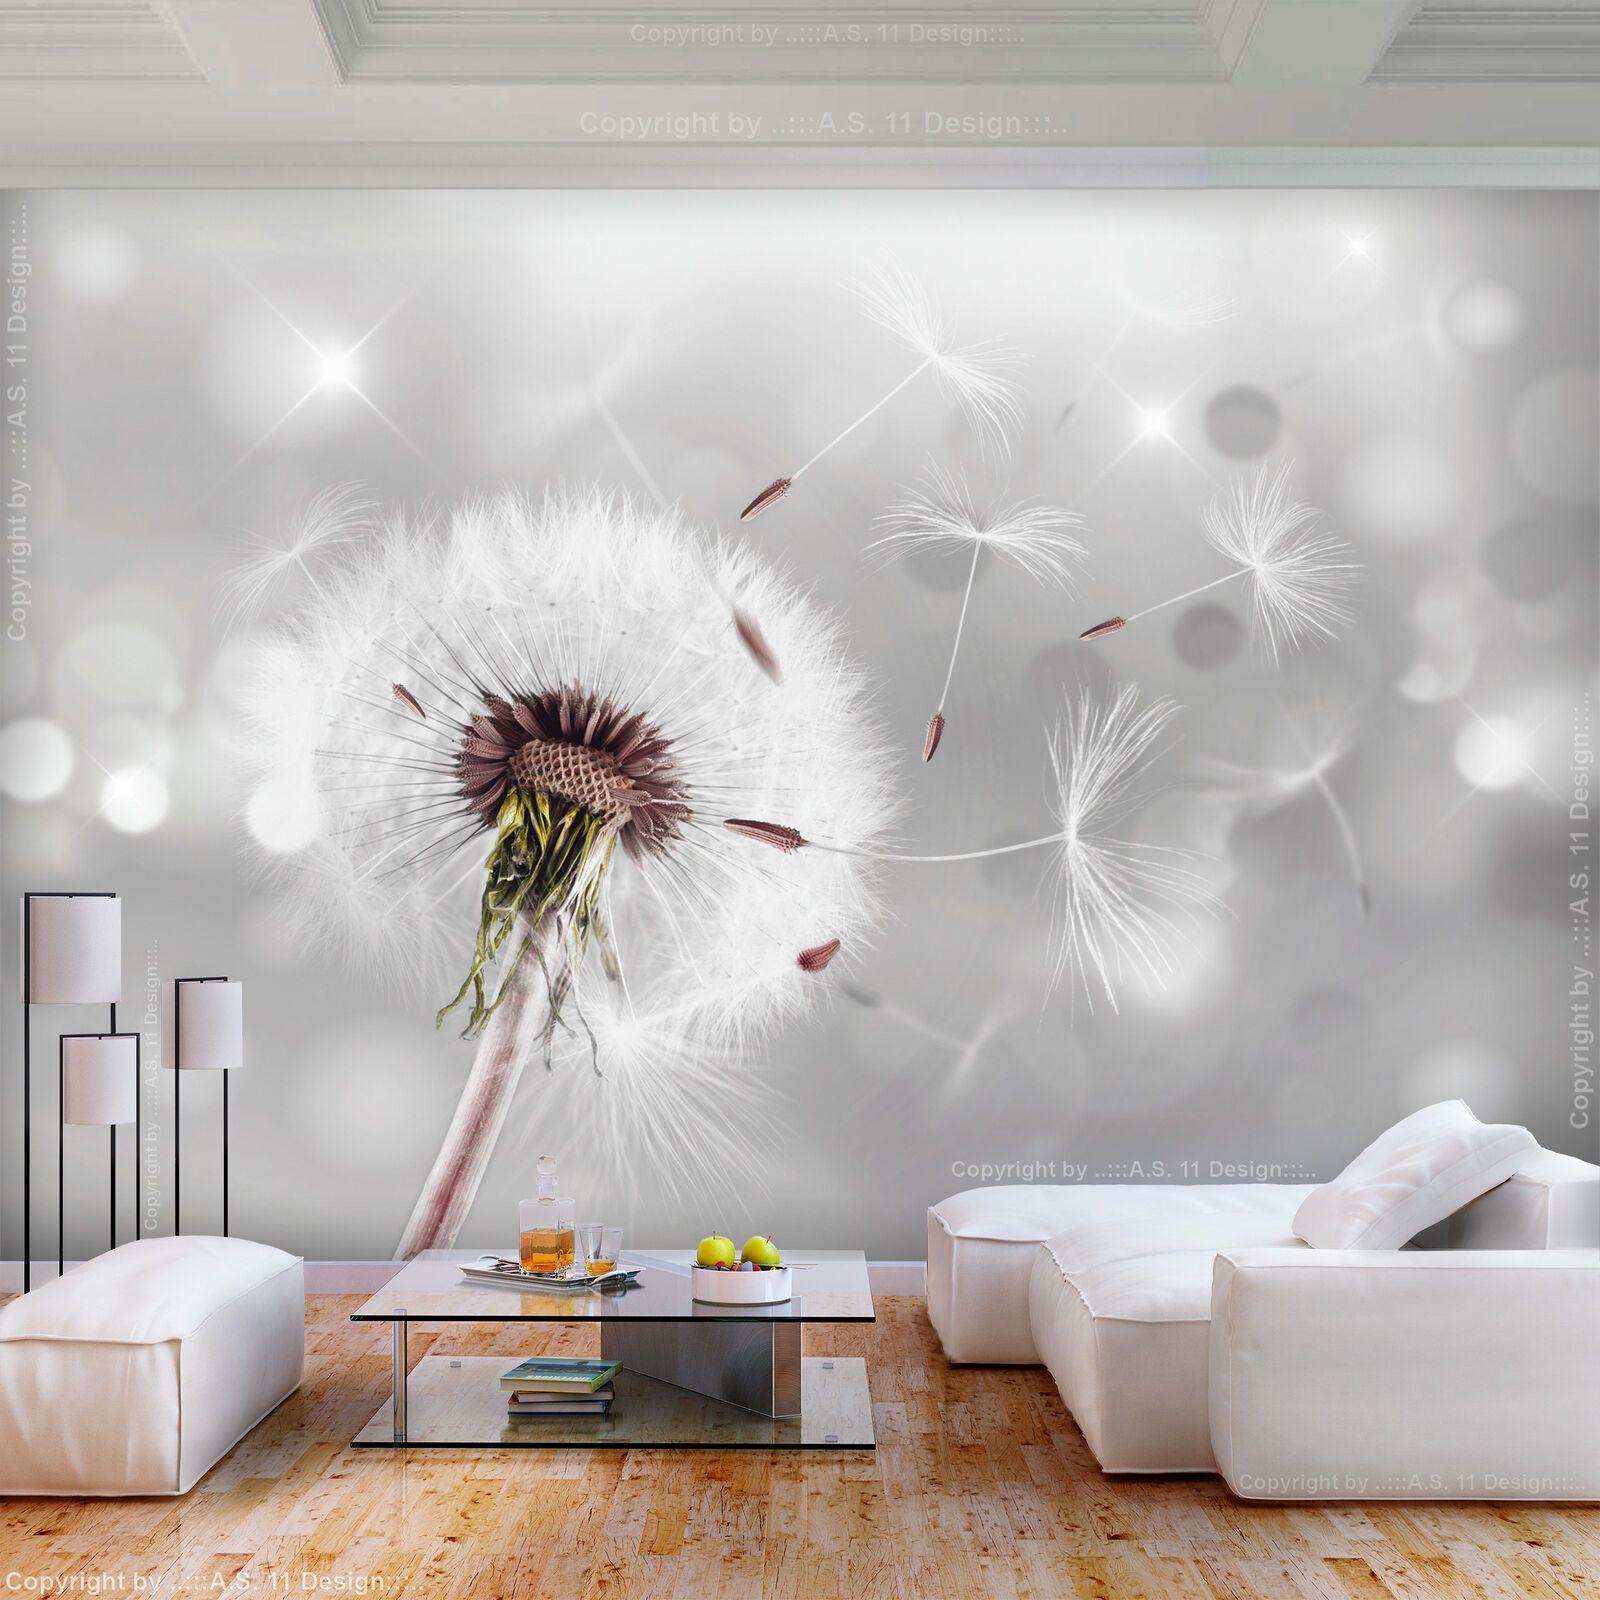 Vlies Fototapete Blumen Pusteblume Grau Tapete Wandbilder Xxl Wohnzimmer 081 Eur 8 99 Fertig Wandbilder Leinwandb Behang Woonkamer Behang Ideeën Fotobehang